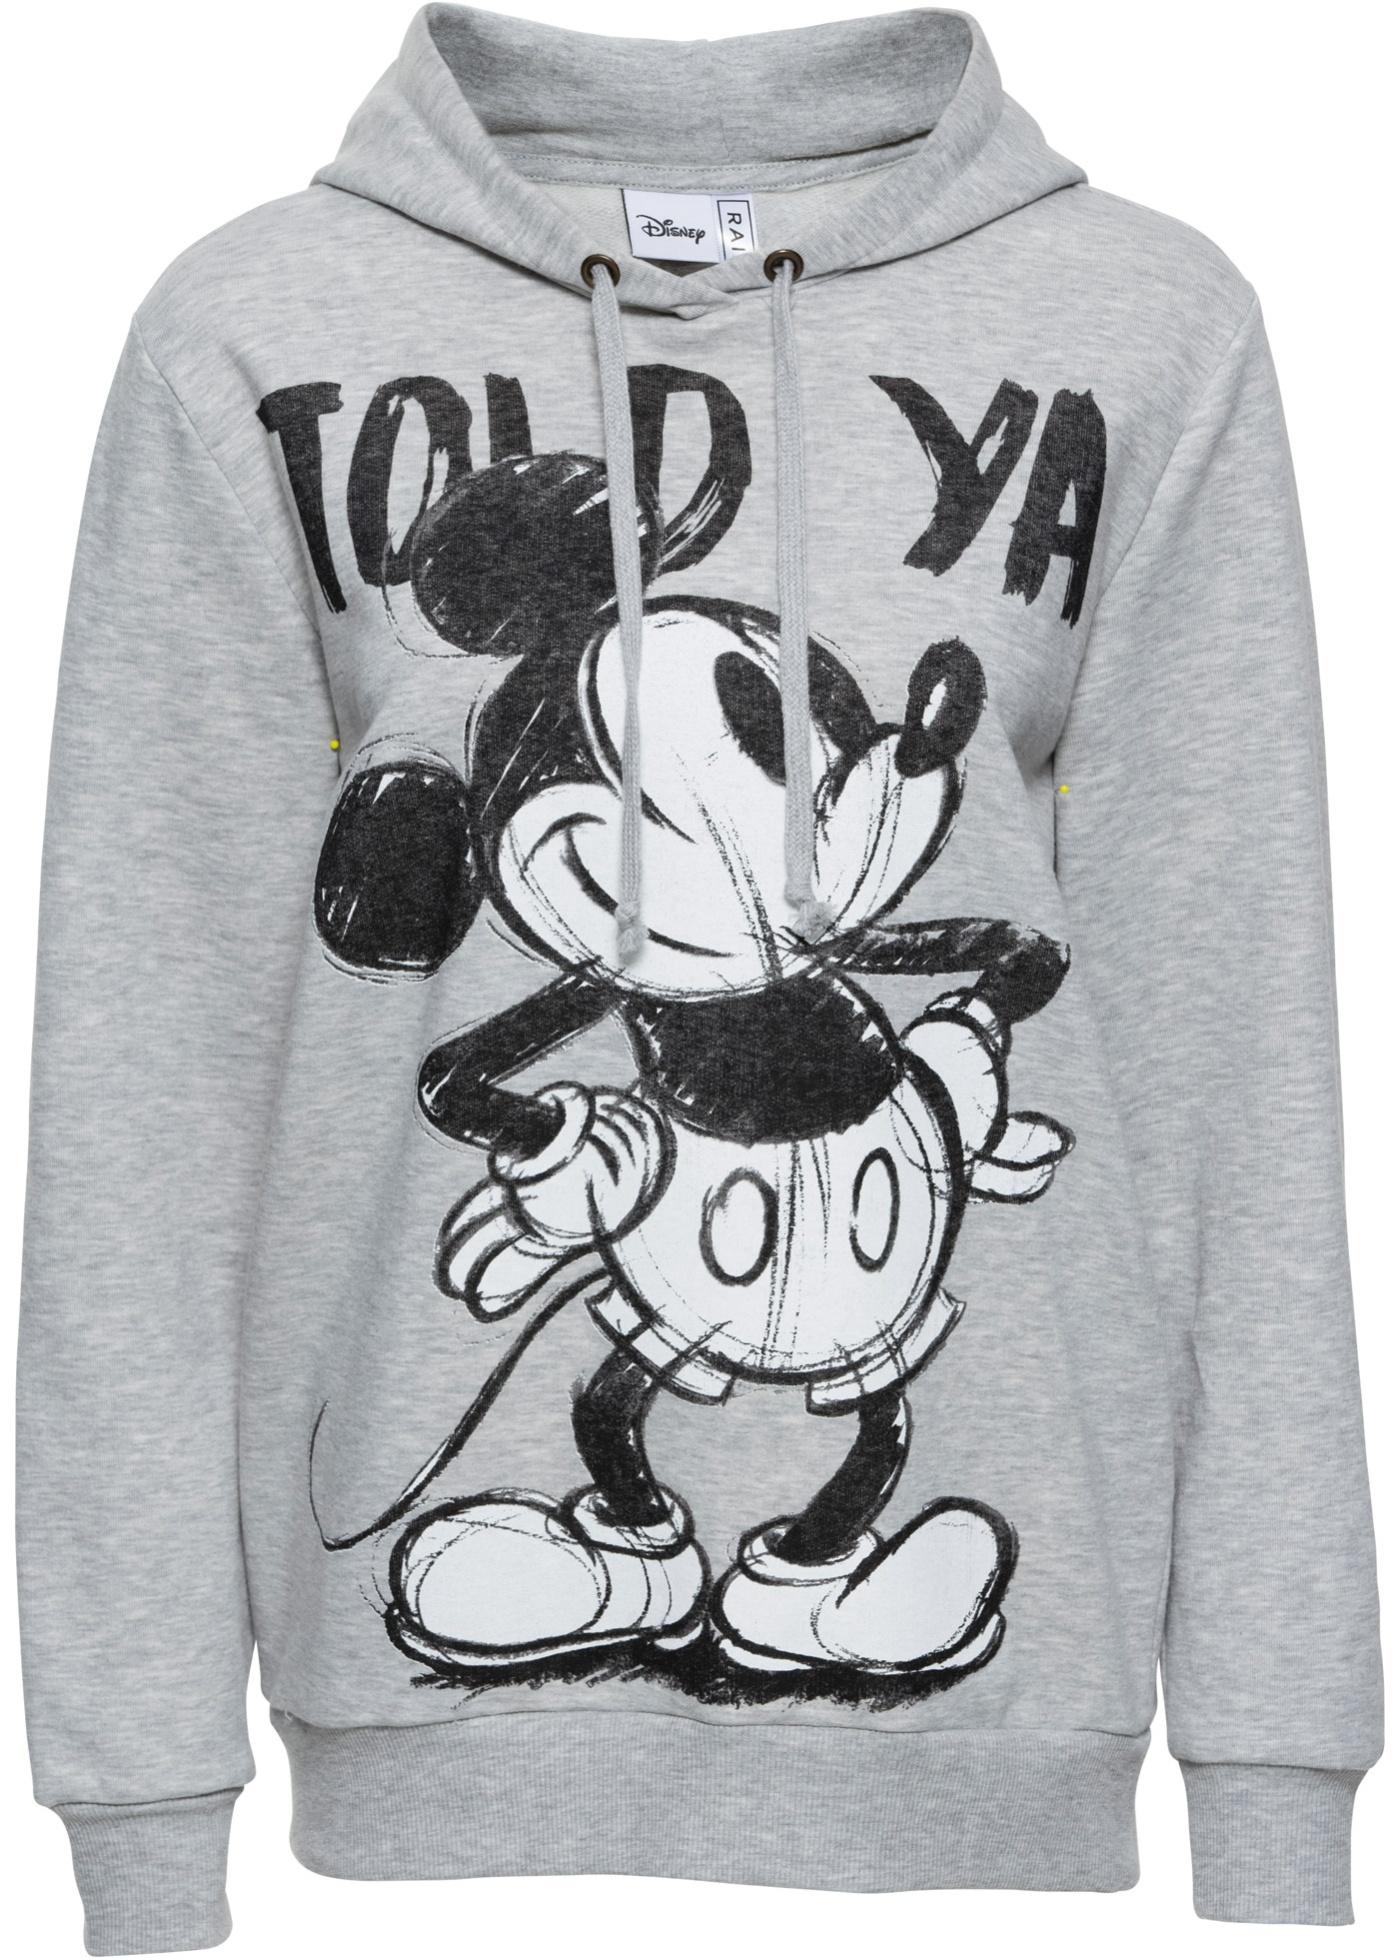 Felpa con cappuccio e stampa Mickey Mouse (Grigio) - Disney